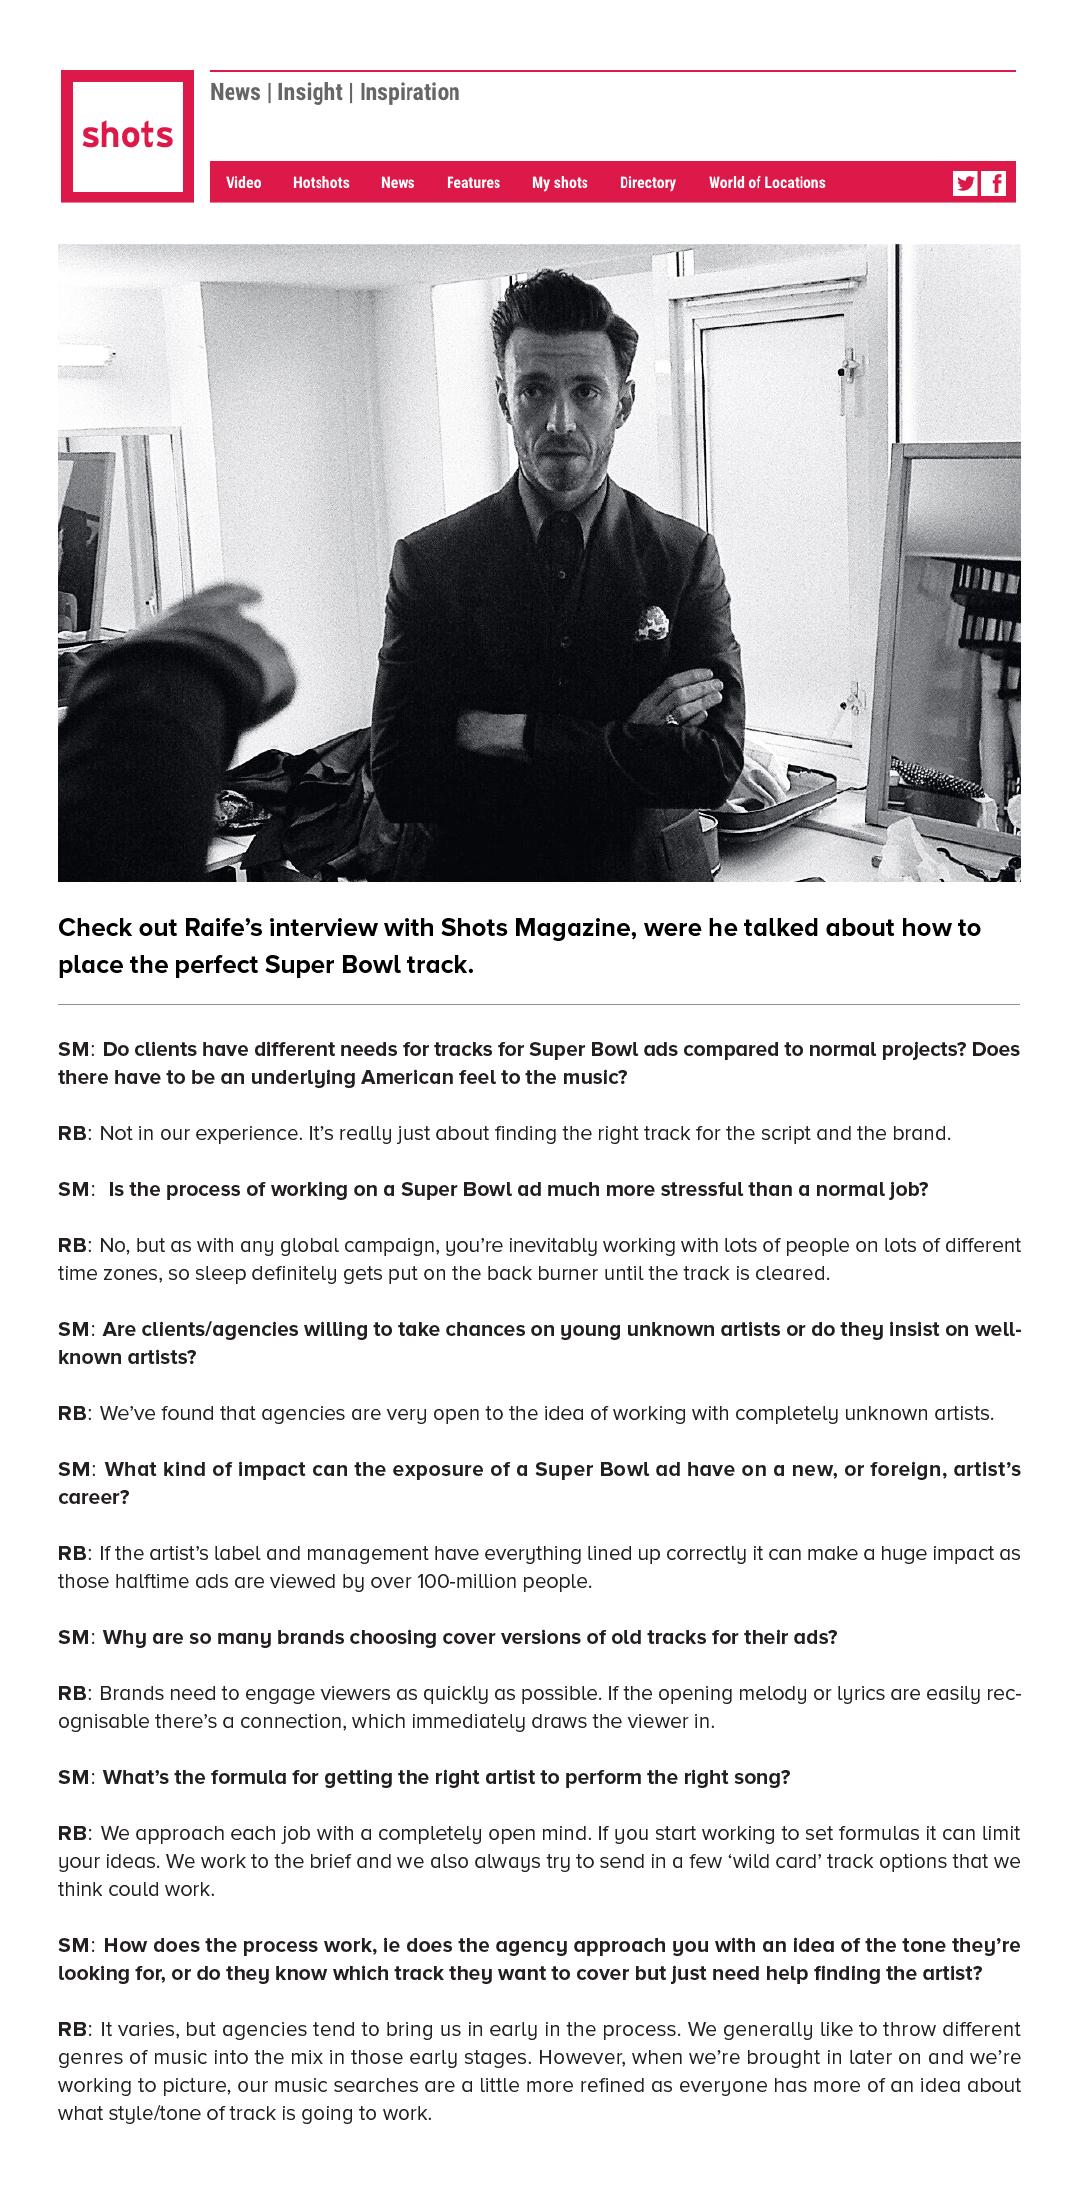 shots interview.jpg